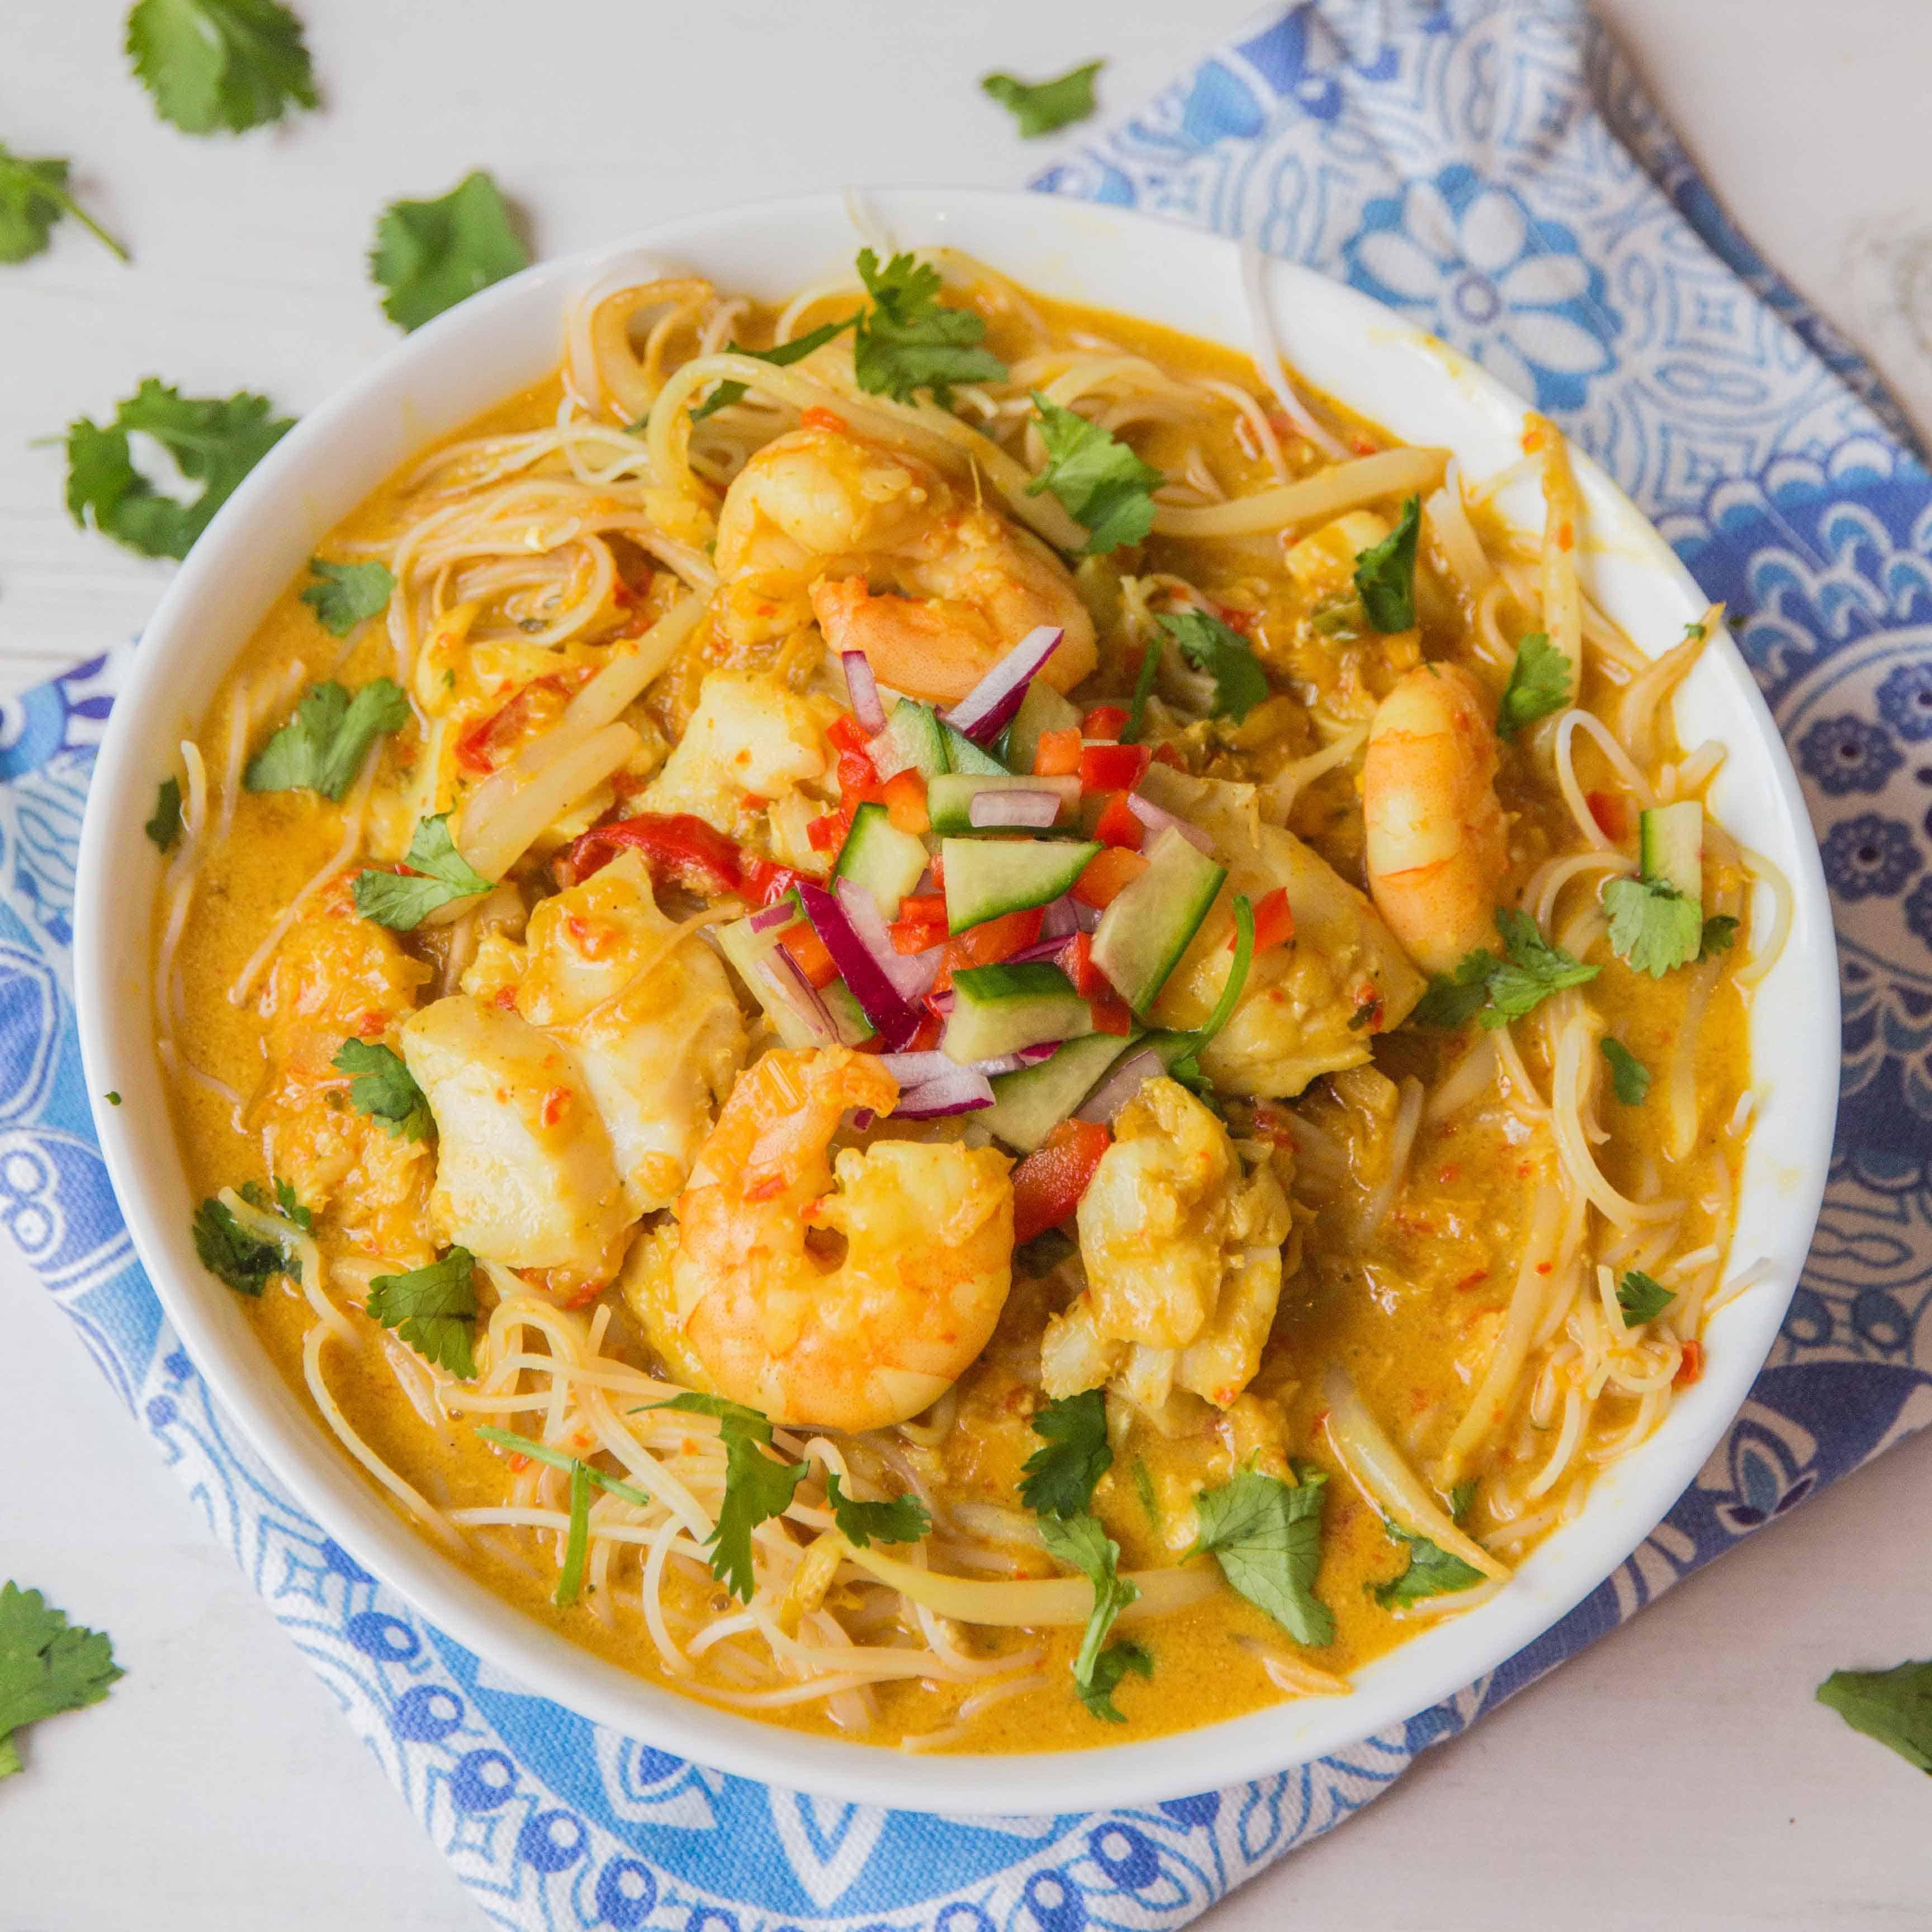 Seafood Laksa - Slurpy, spicy Thai noodle soup